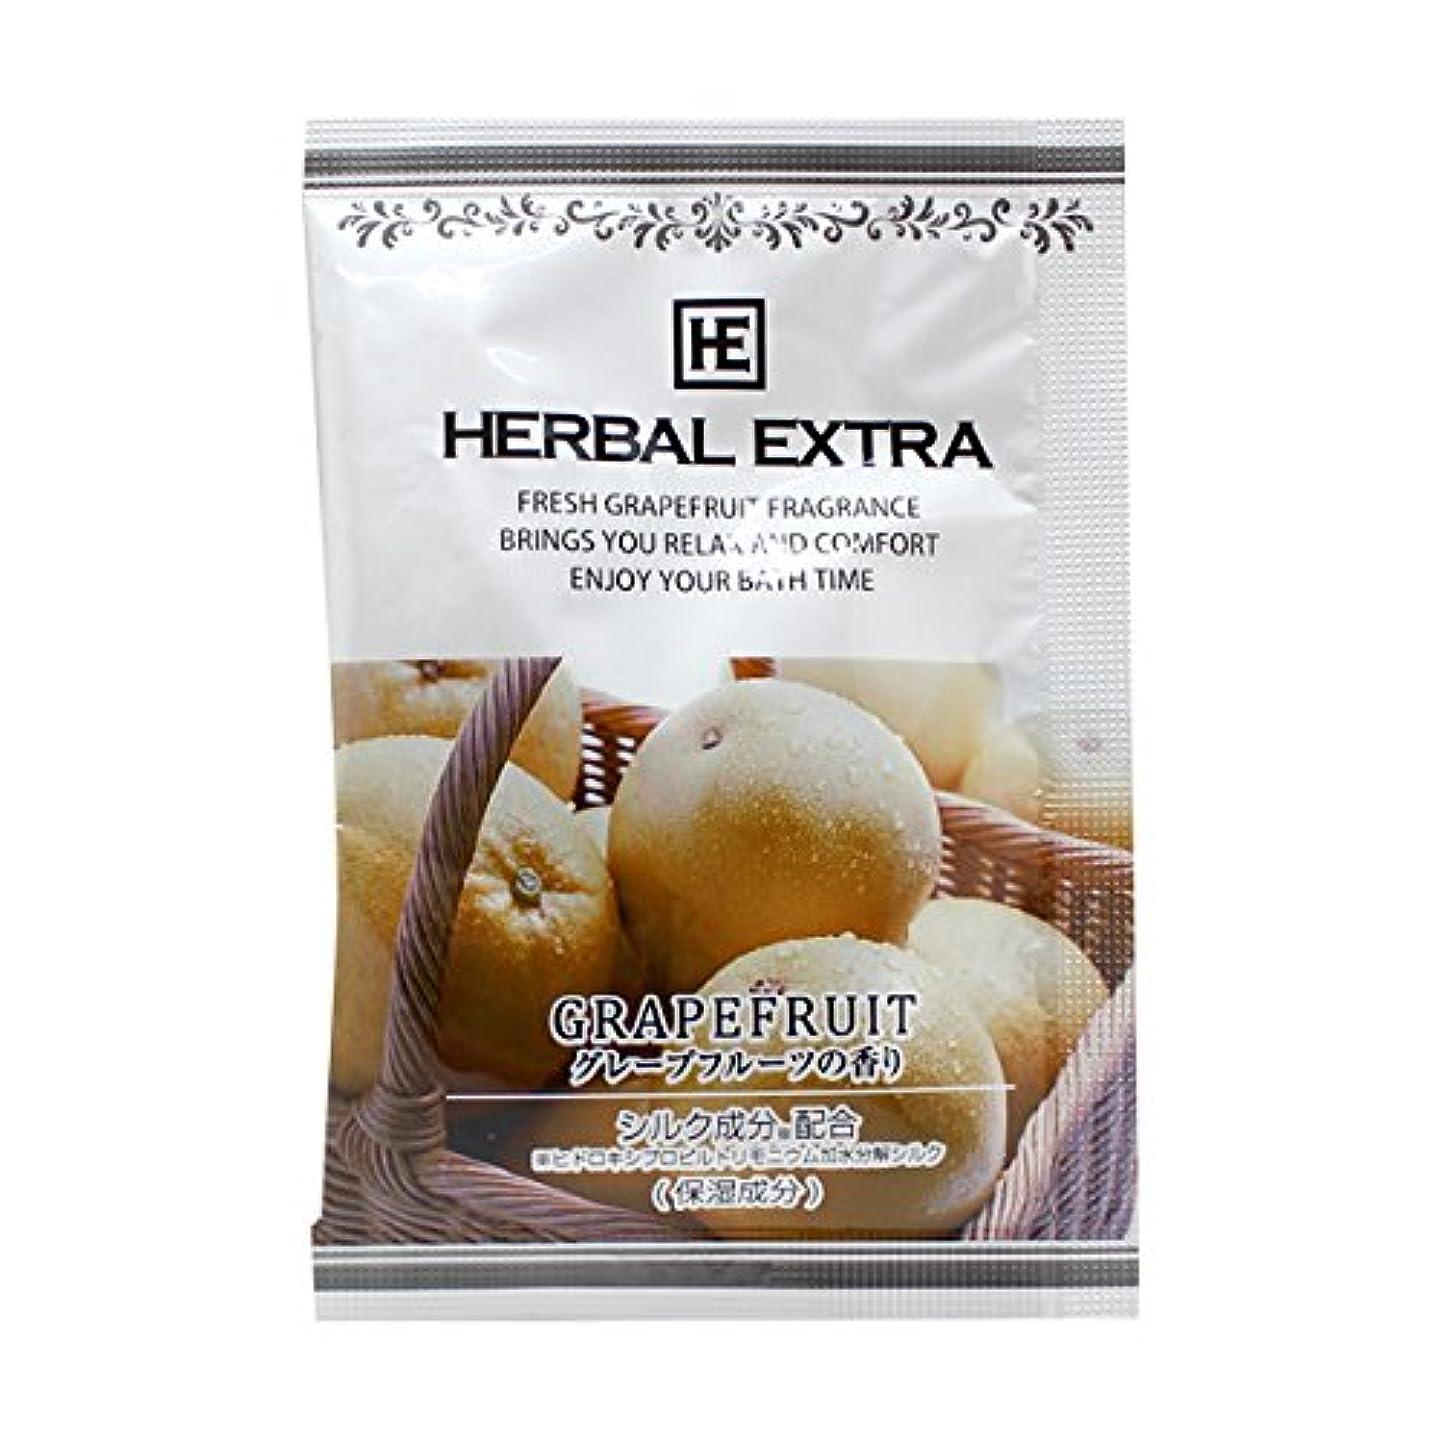 九エンジニアリング交響曲入浴剤 ハーバルエクストラ「グレープフルーツの香り」30個